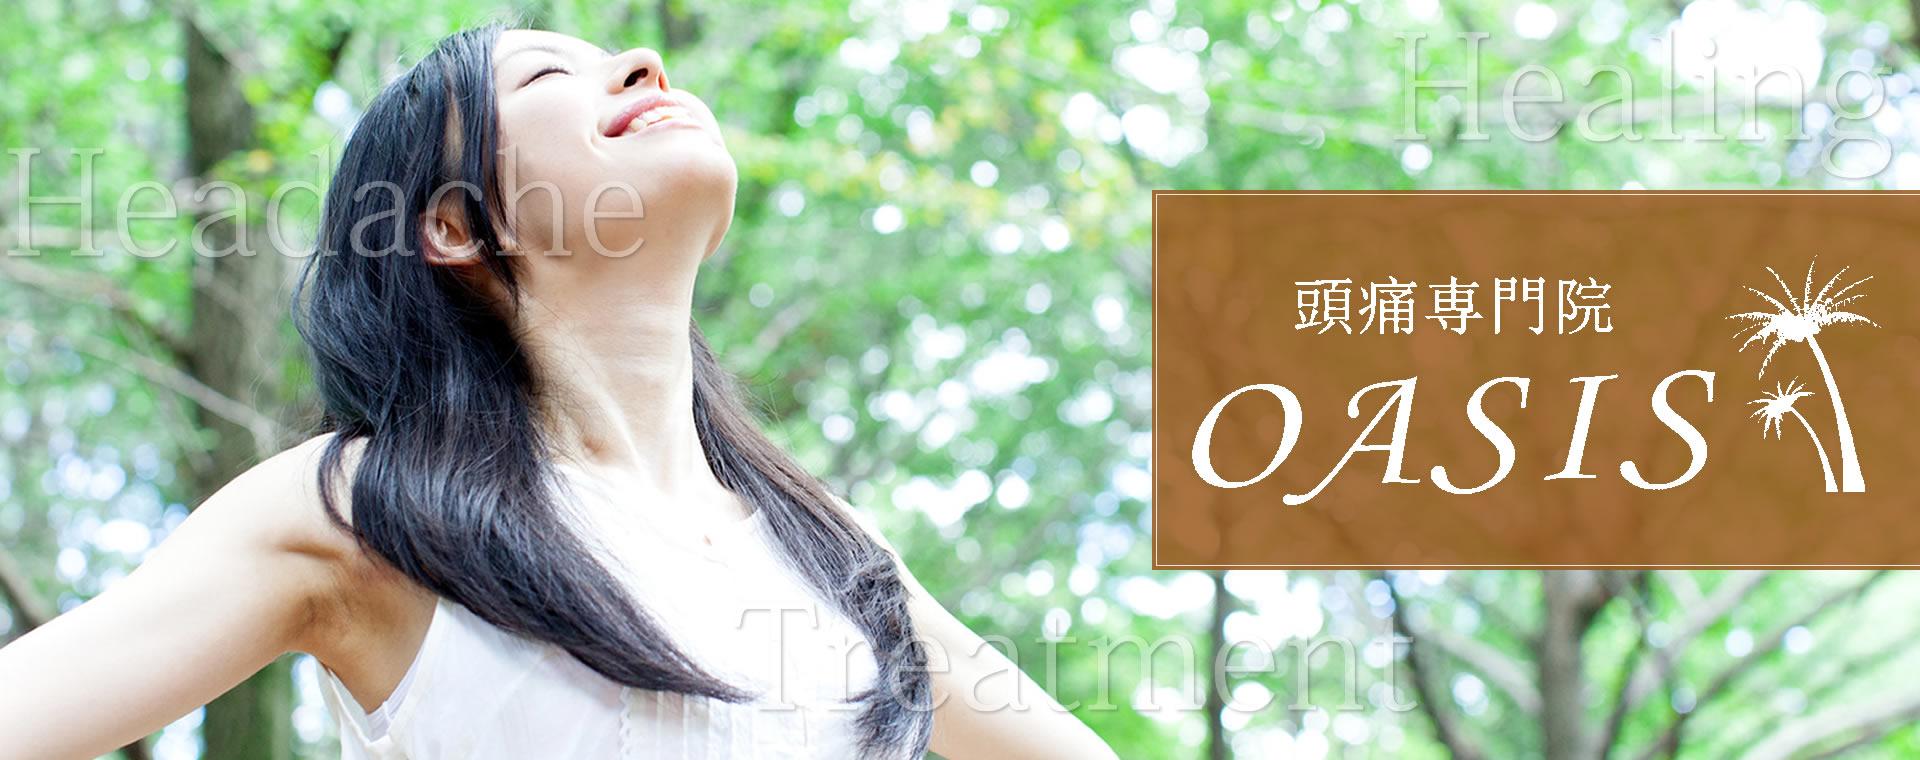 頭痛専門院 OASIS(オアシス)/東京都文京区白山/整体・マッサージ